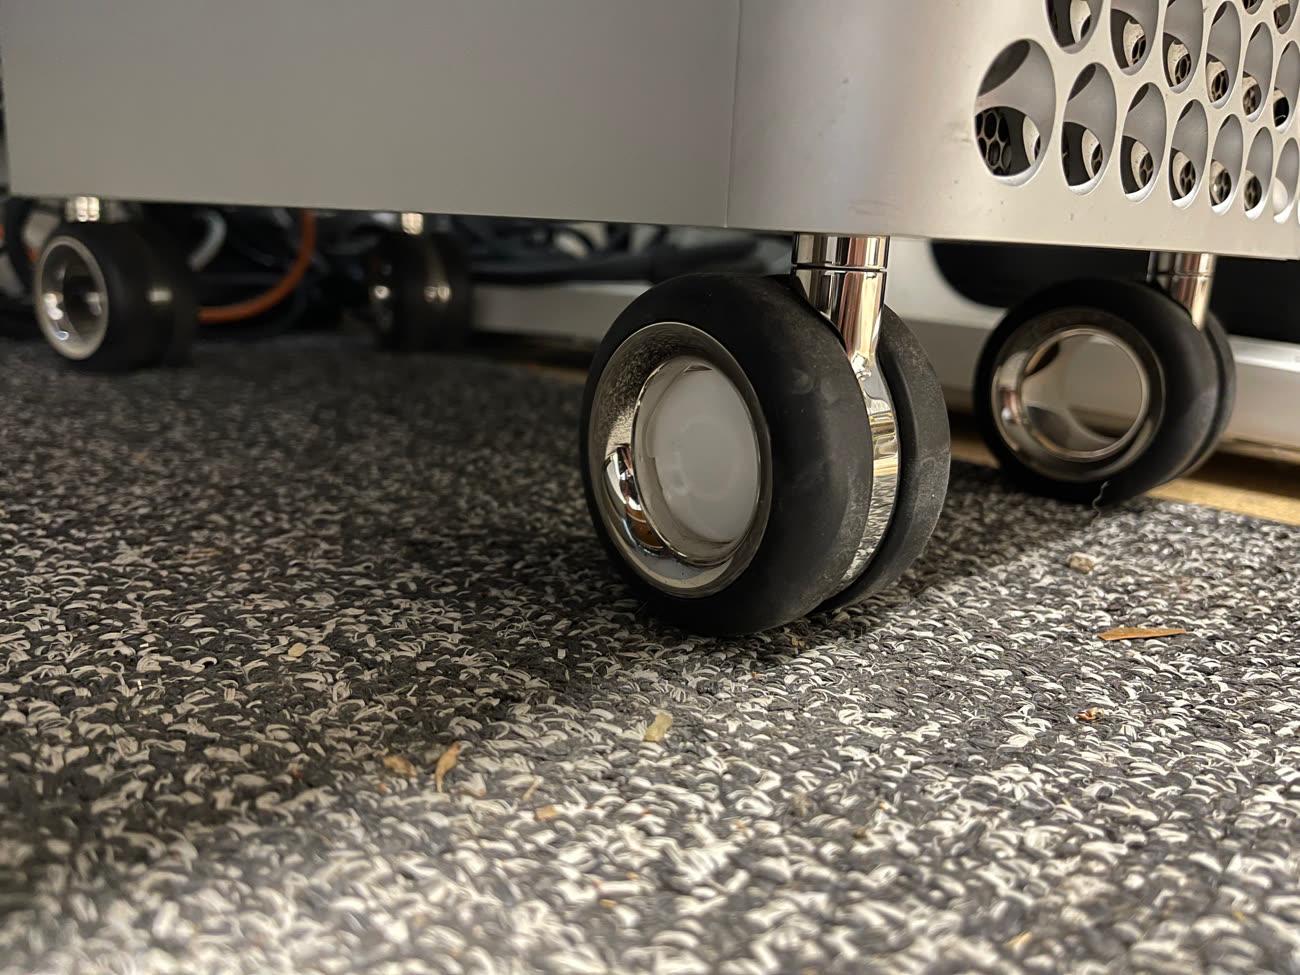 Astuce : les roues du MacPro sont parfaites pour y placer des AirTags